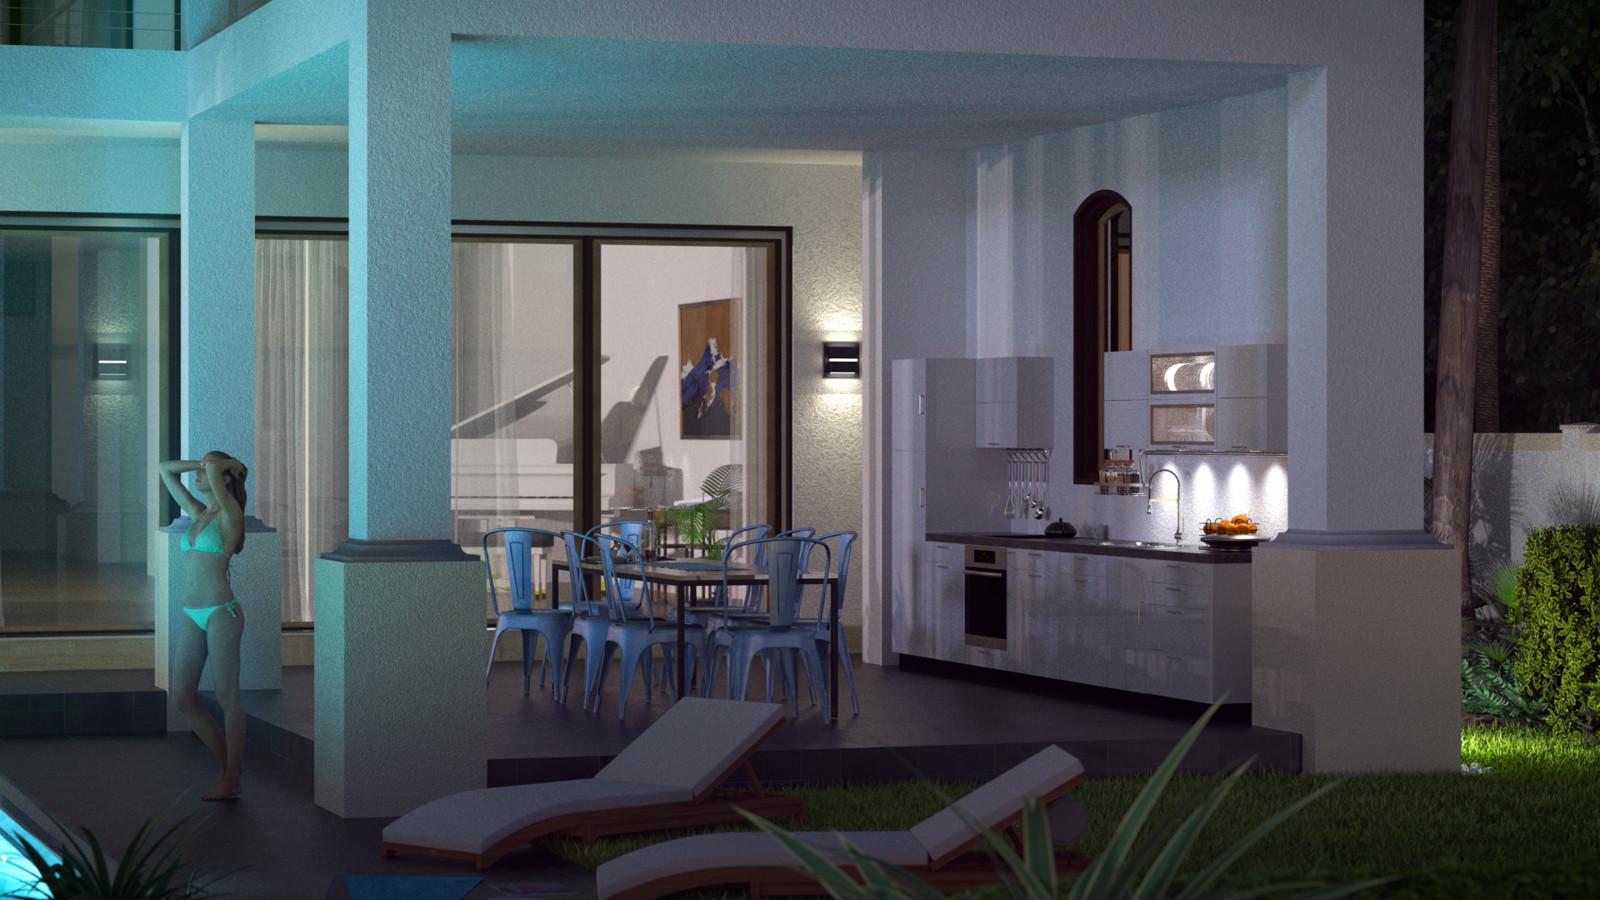 SketchUp + Thea Render  Seagrove Beach House: Ext Kit 02 2pt Night A Lumina Goblin 1920 × 1080 Presto MC Bucket